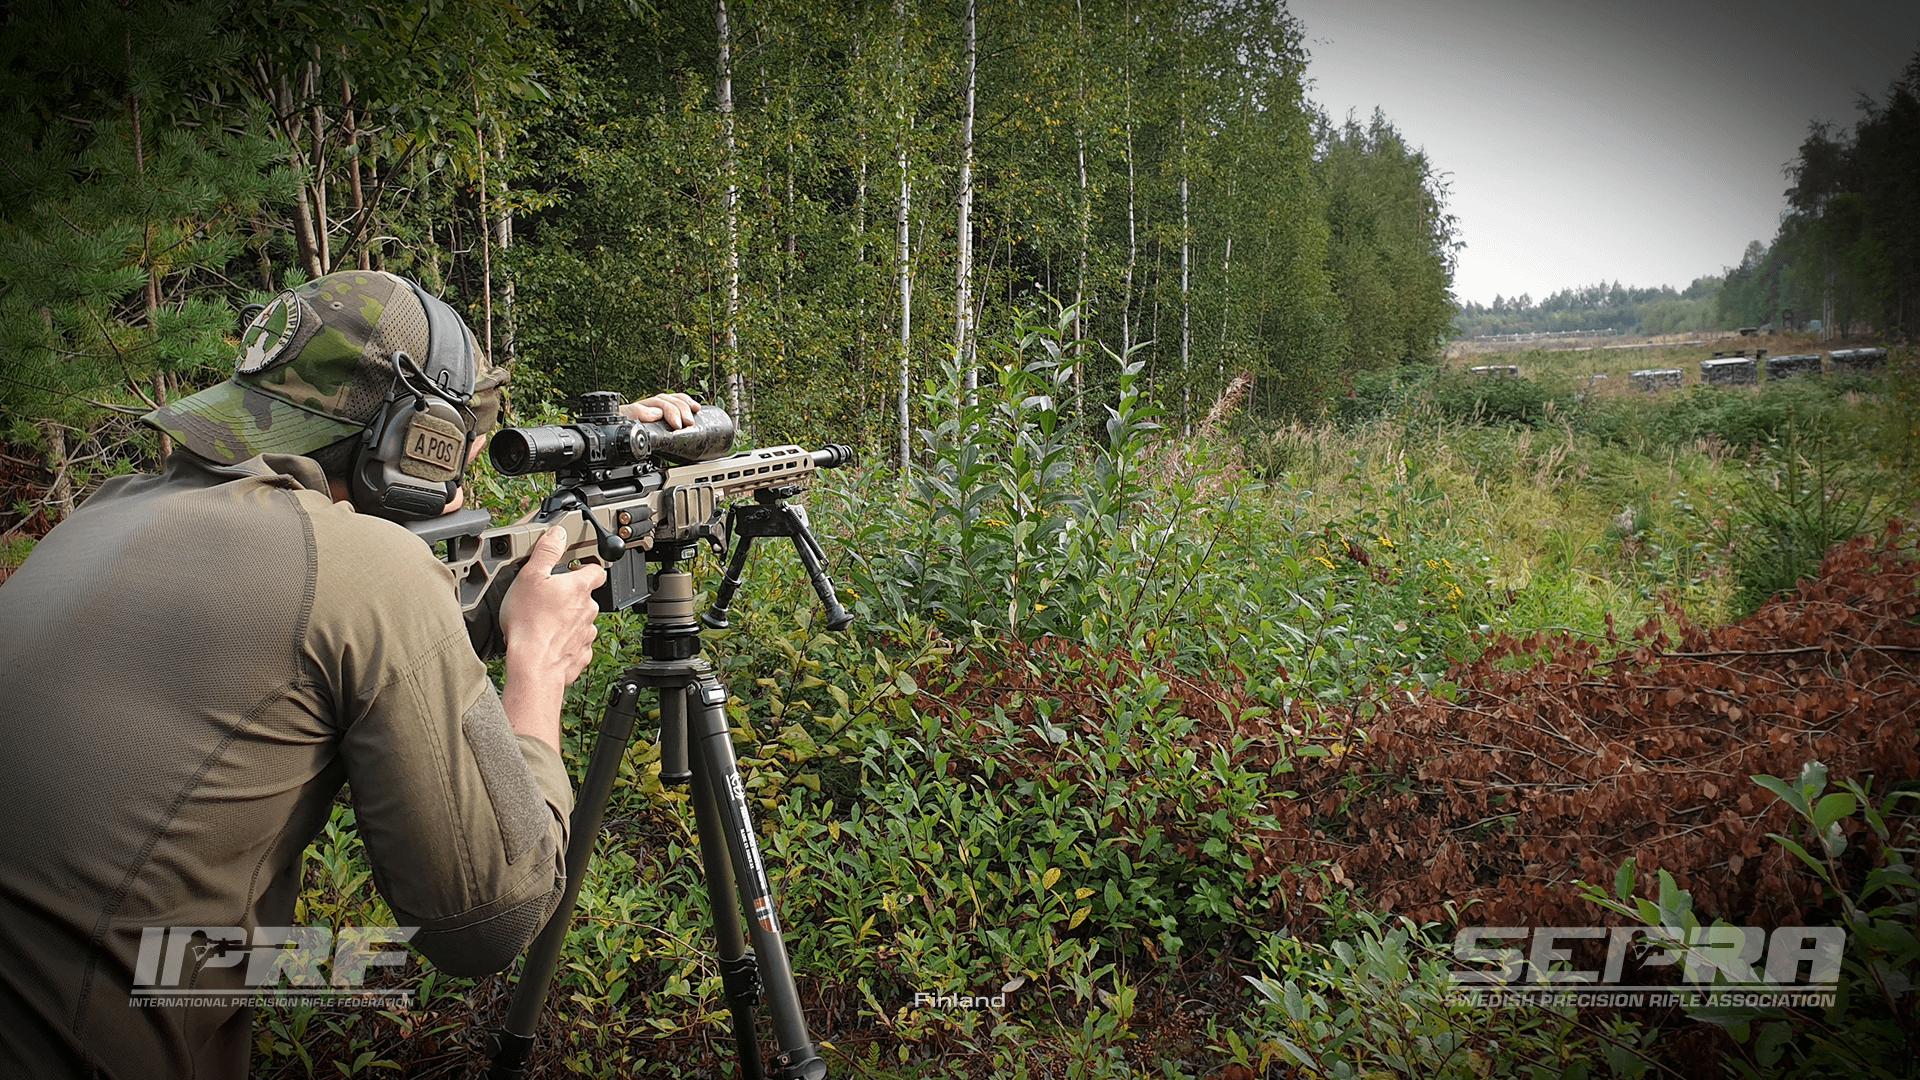 IPRF-Sweden-03